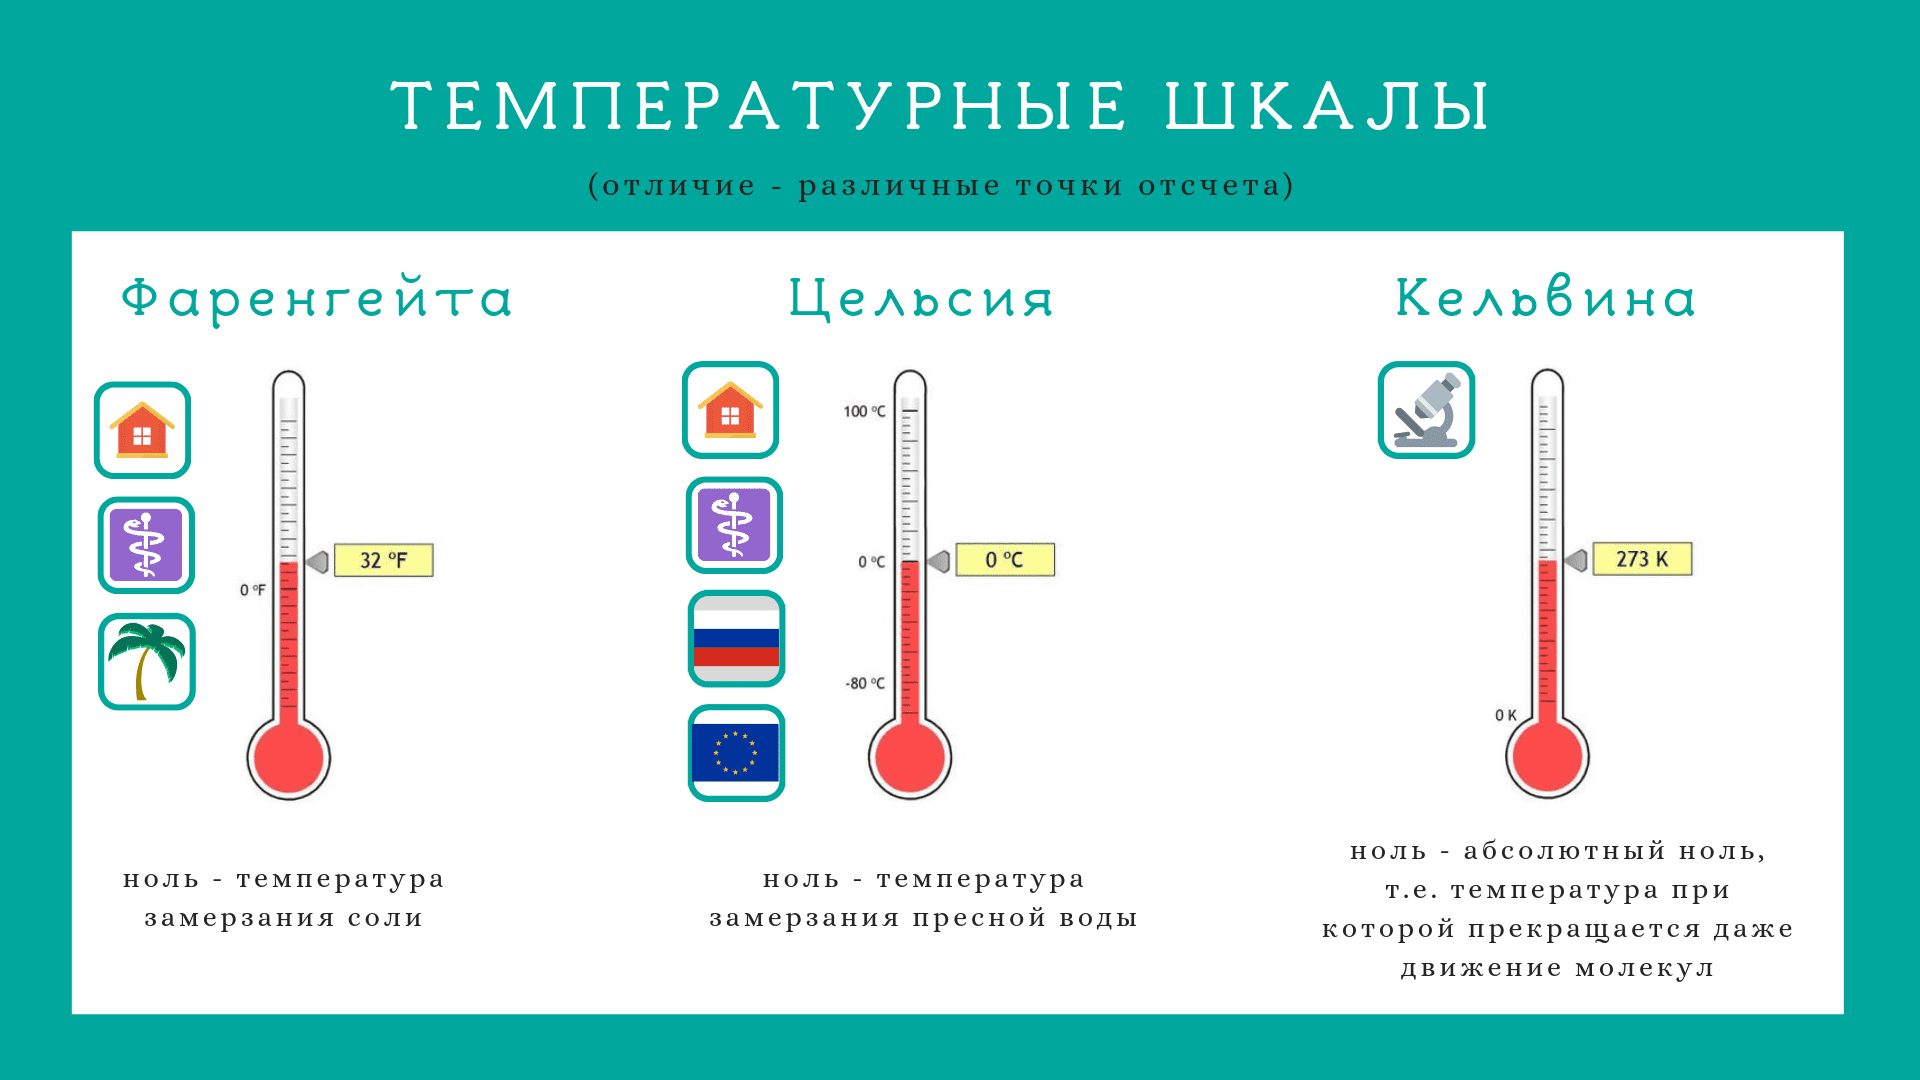 Температурные шкалы (Фаренгейта, Цельсия, Кельвина)